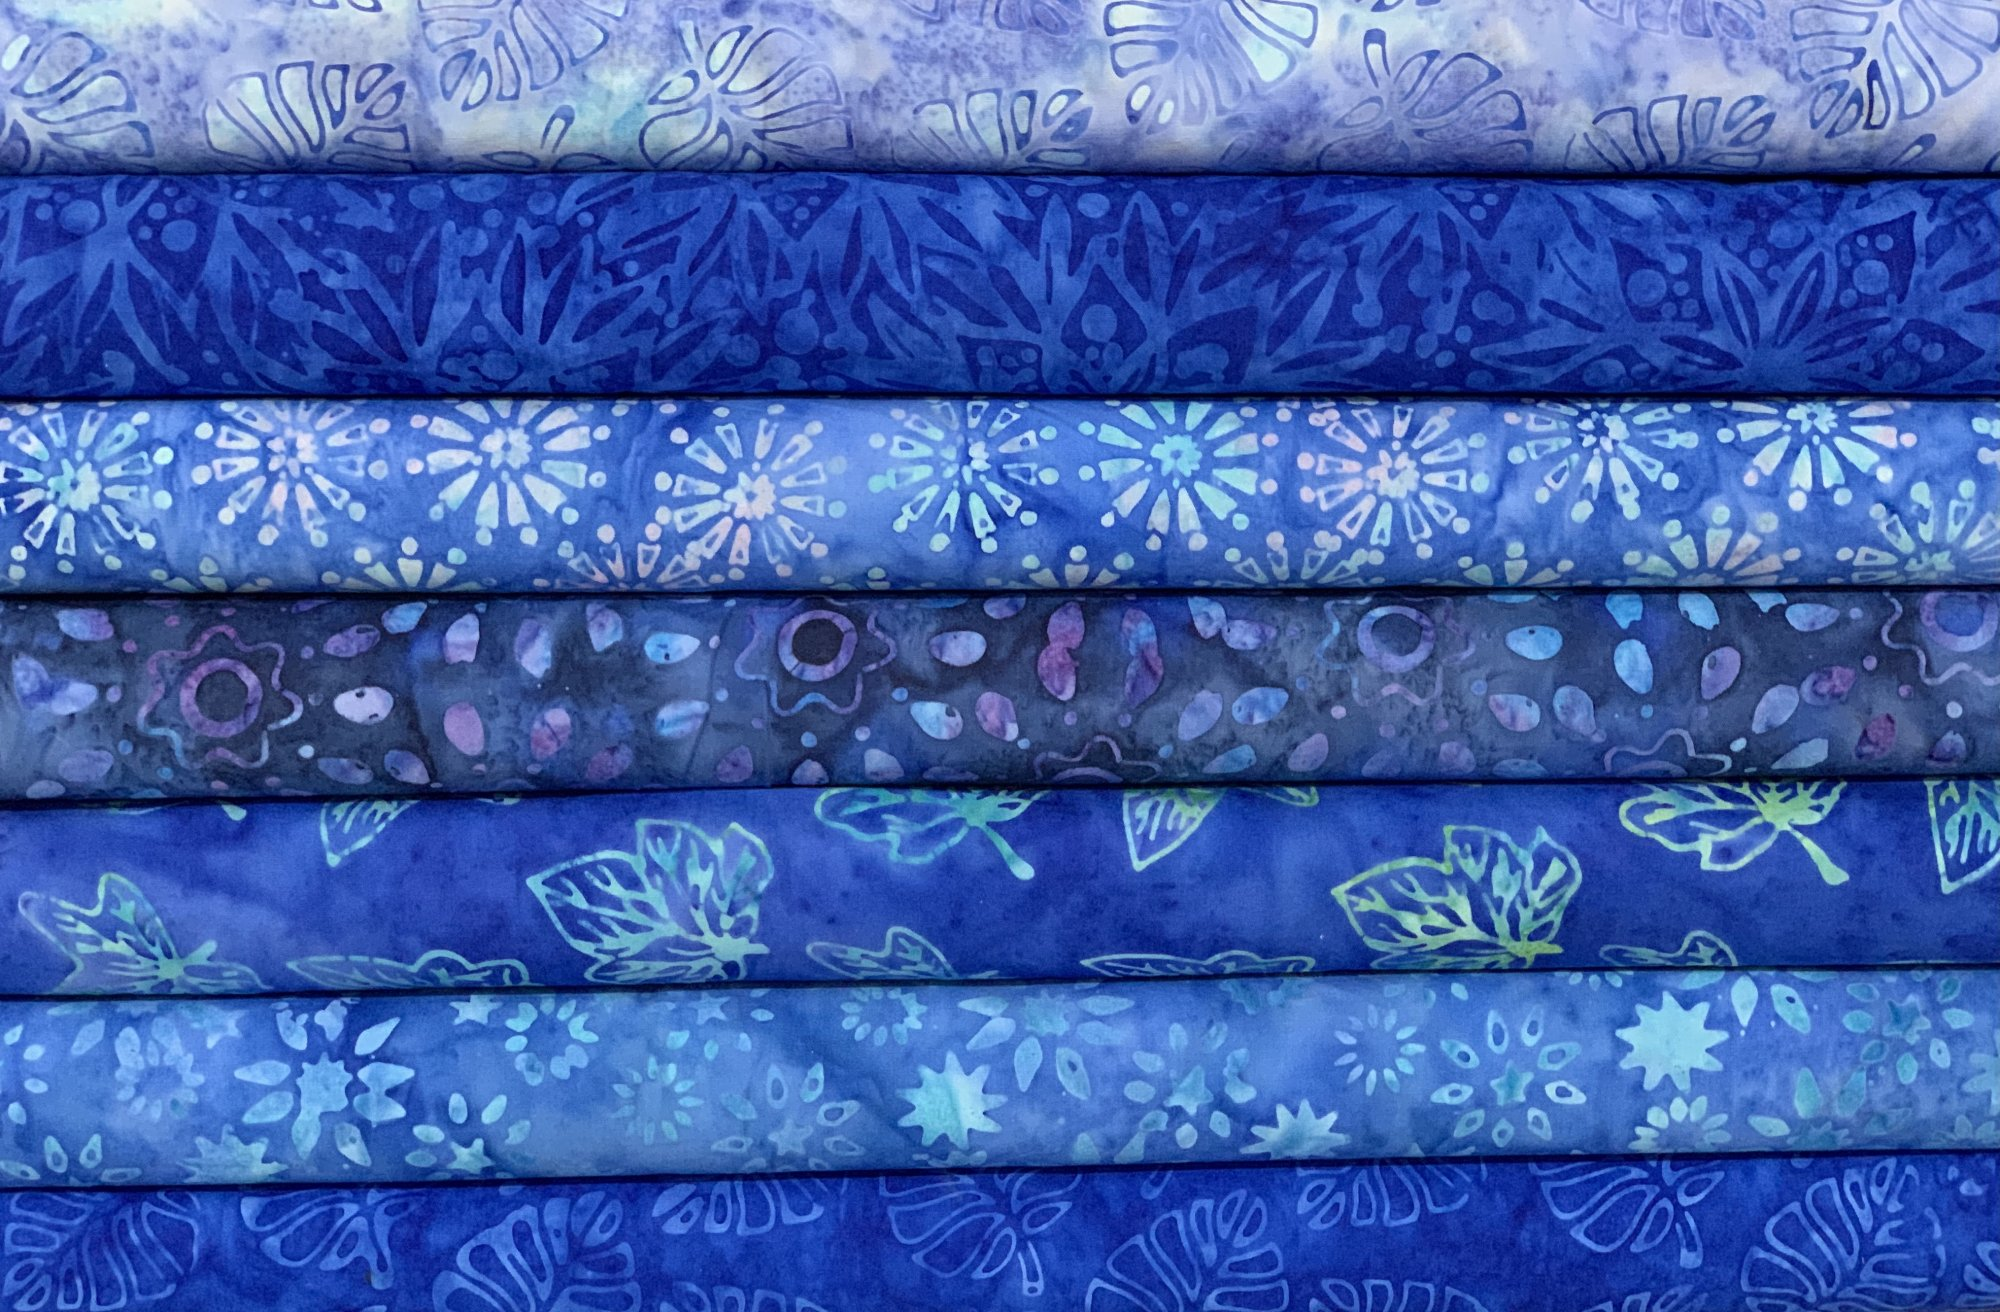 Blue Bayou by Jaqueline De Jonge for Anthology